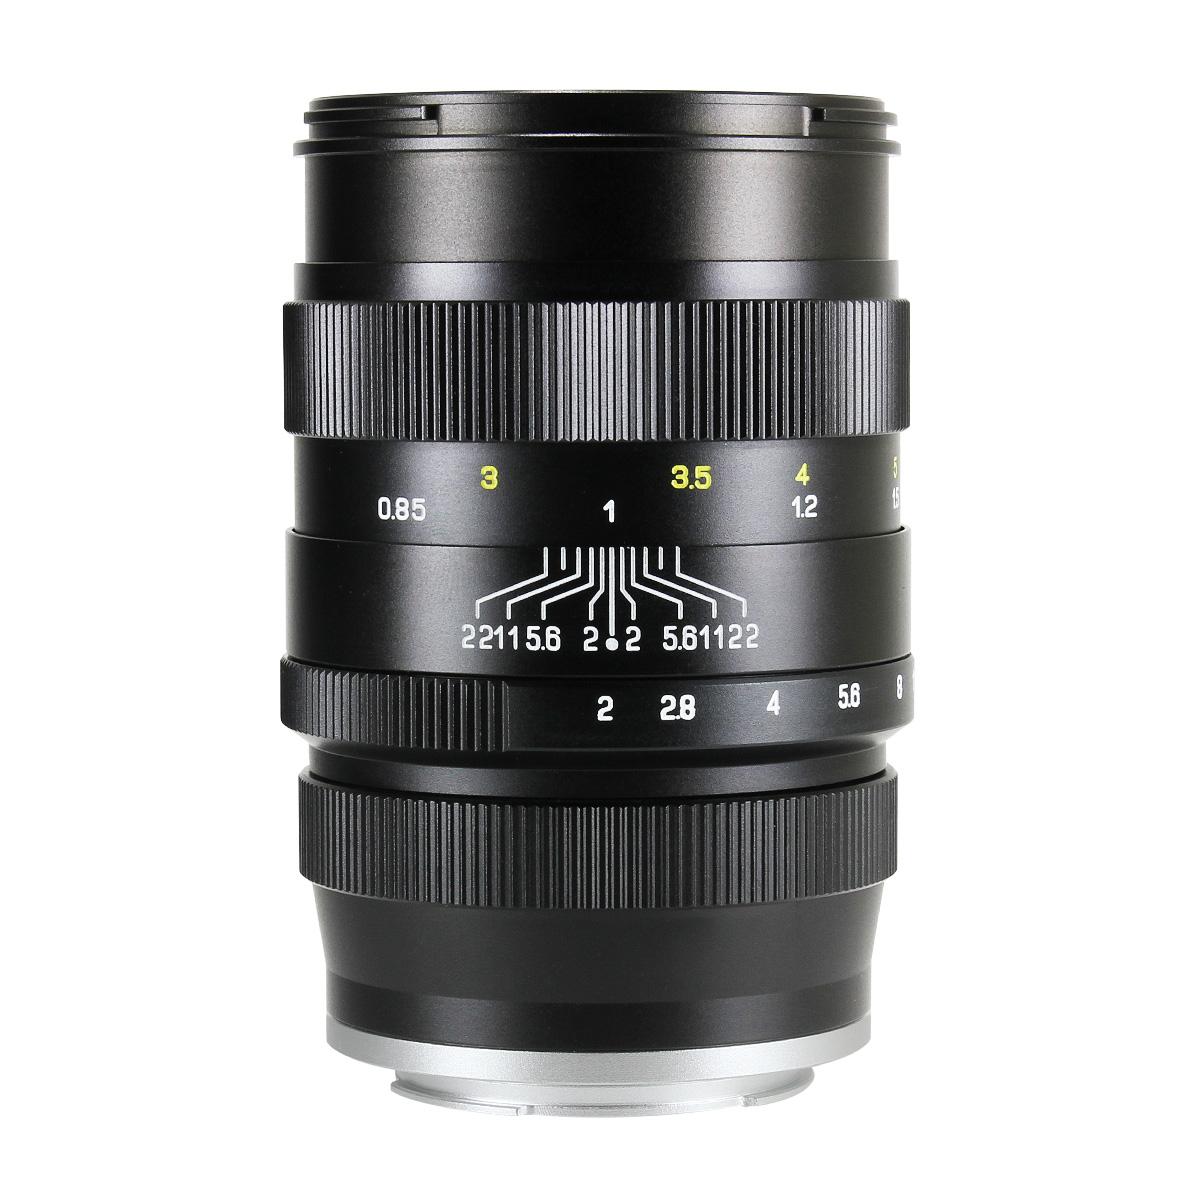 中一光学 CREATOR 85mm F2 ブラックー ソニーEマウント 単焦点レンズ